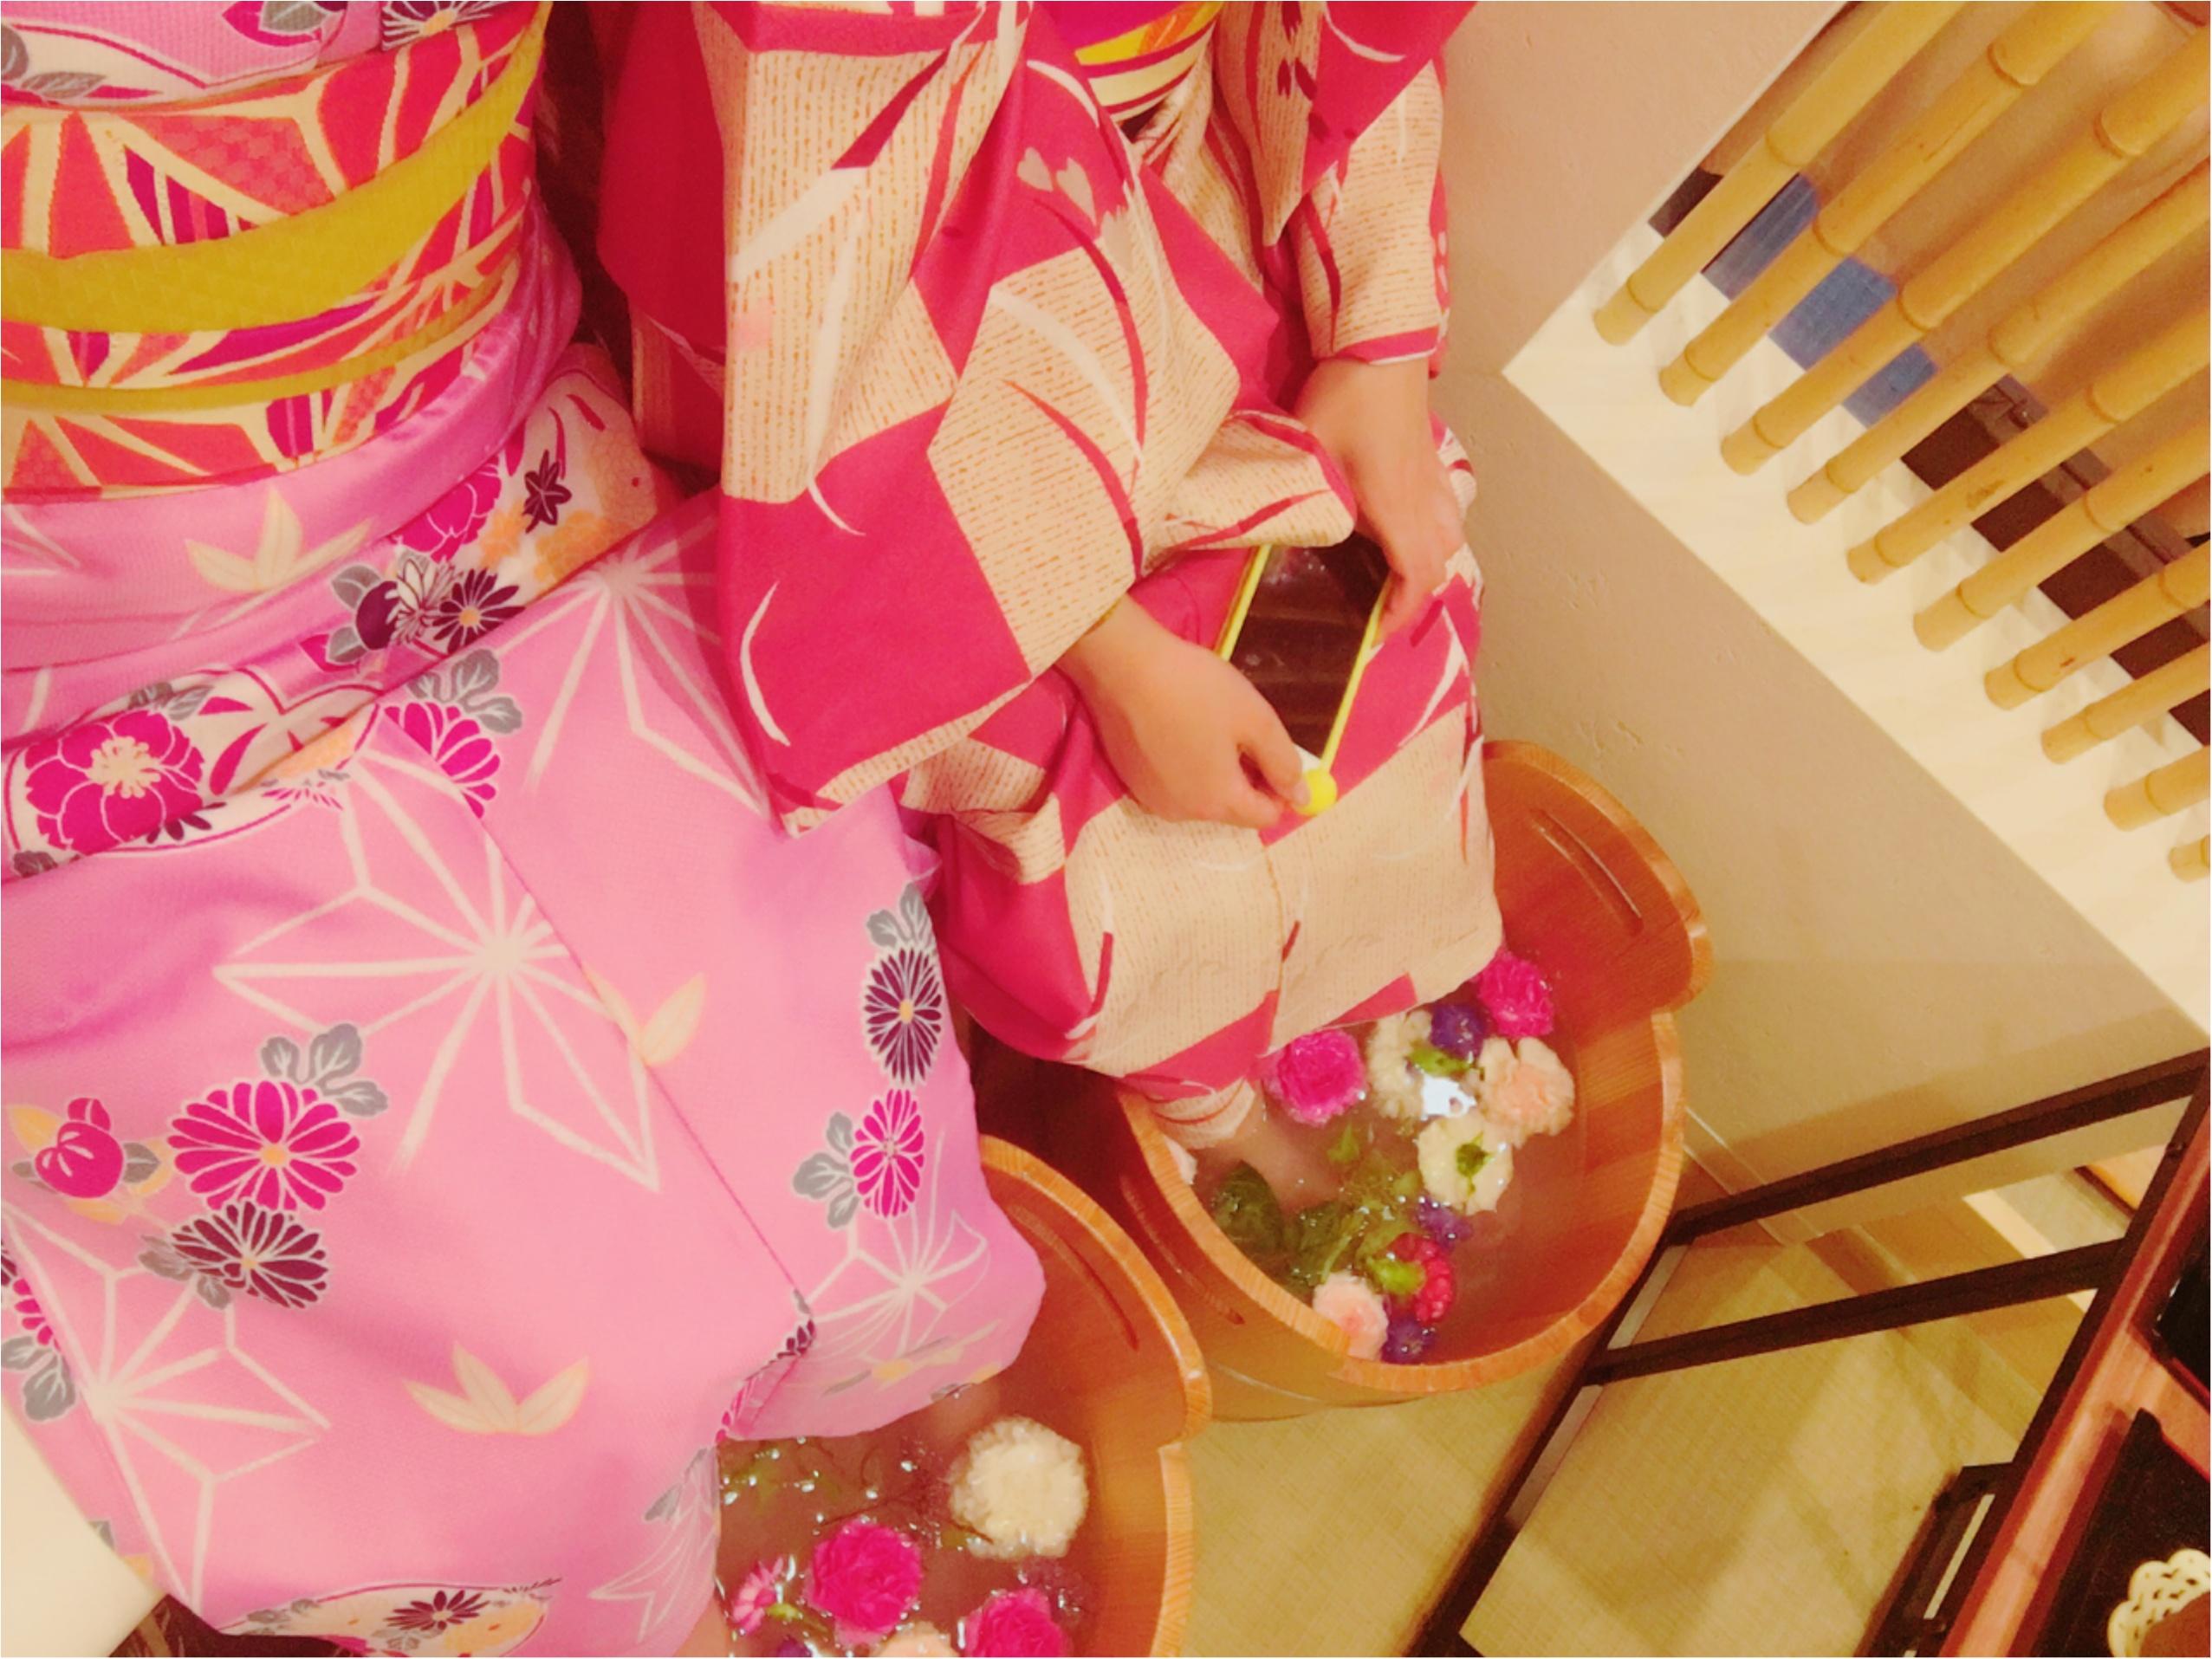 京都・嵐山のNEWスポット!カラフルでかわいい『お花の足湯』に癒されて_4